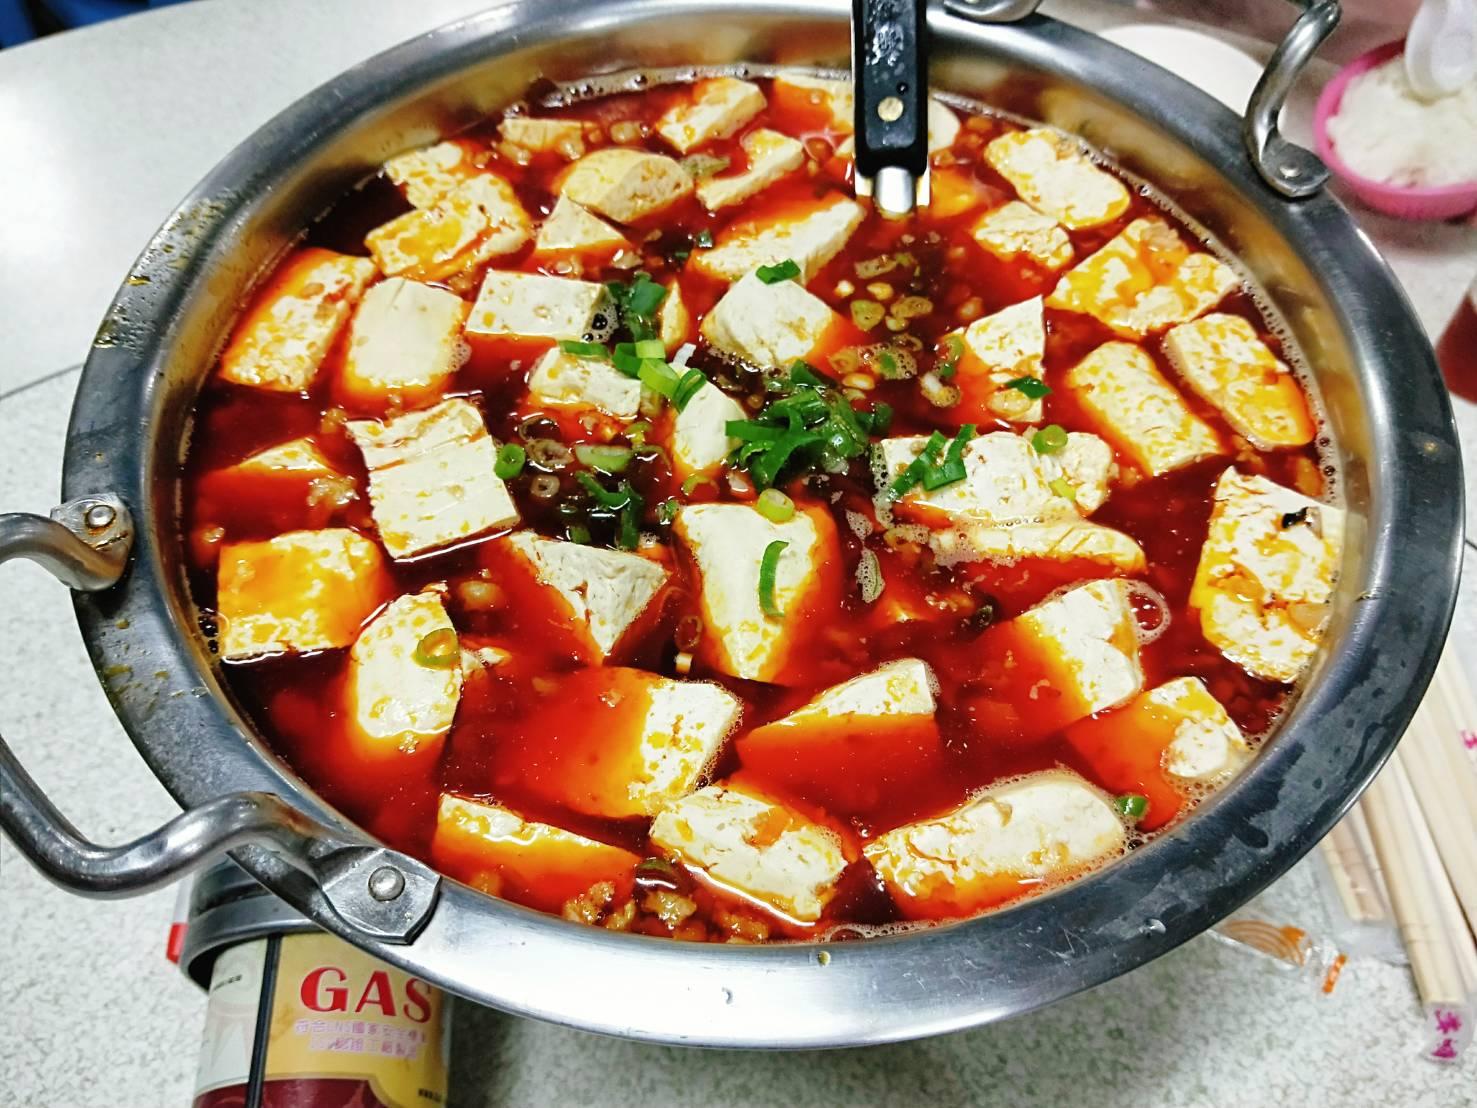 [食記] 新竹香山 - 長興釣蝦 臭豆腐軟嫩吸飽湯汁 紅香湯頭不死辣 各樣菜色多種選擇 新竹美食 - 蘋果的背包食堂